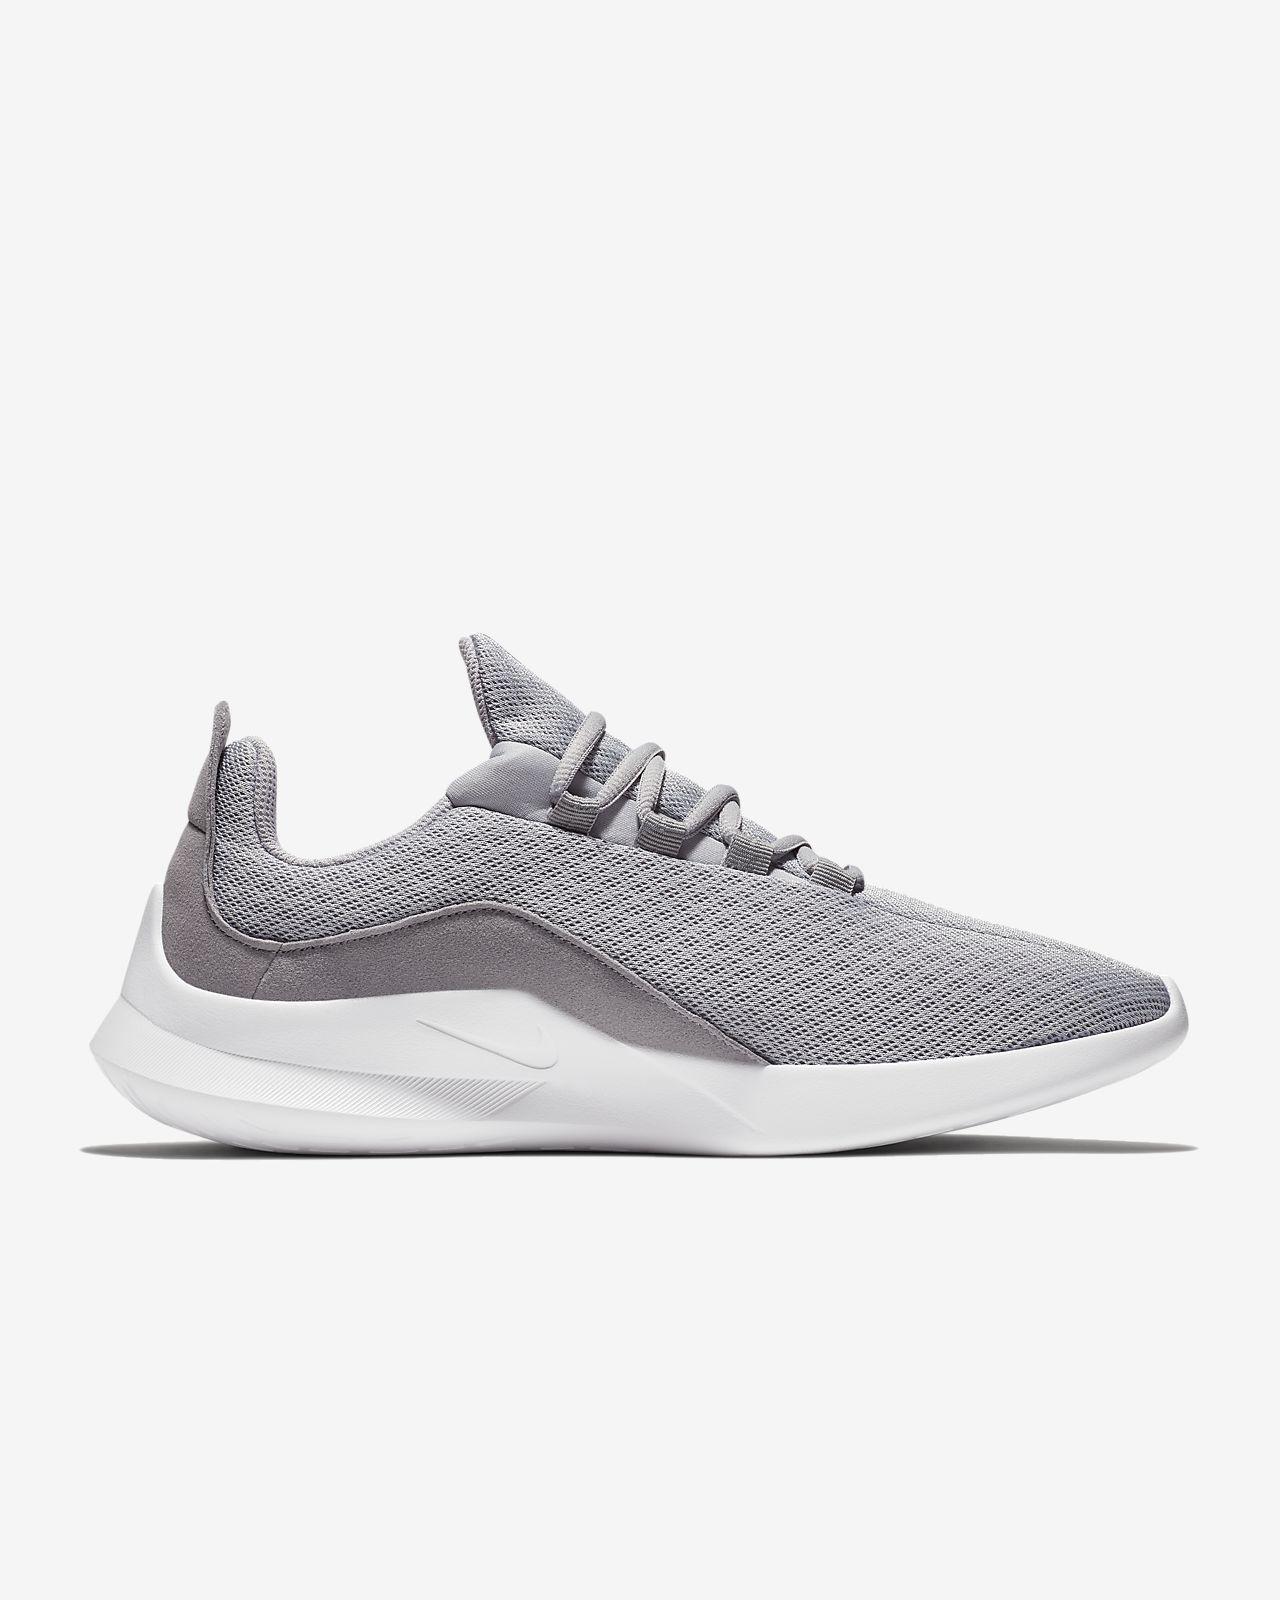 Nike Herren Viale Fitnessschuhe: Schuhe & Handtaschen